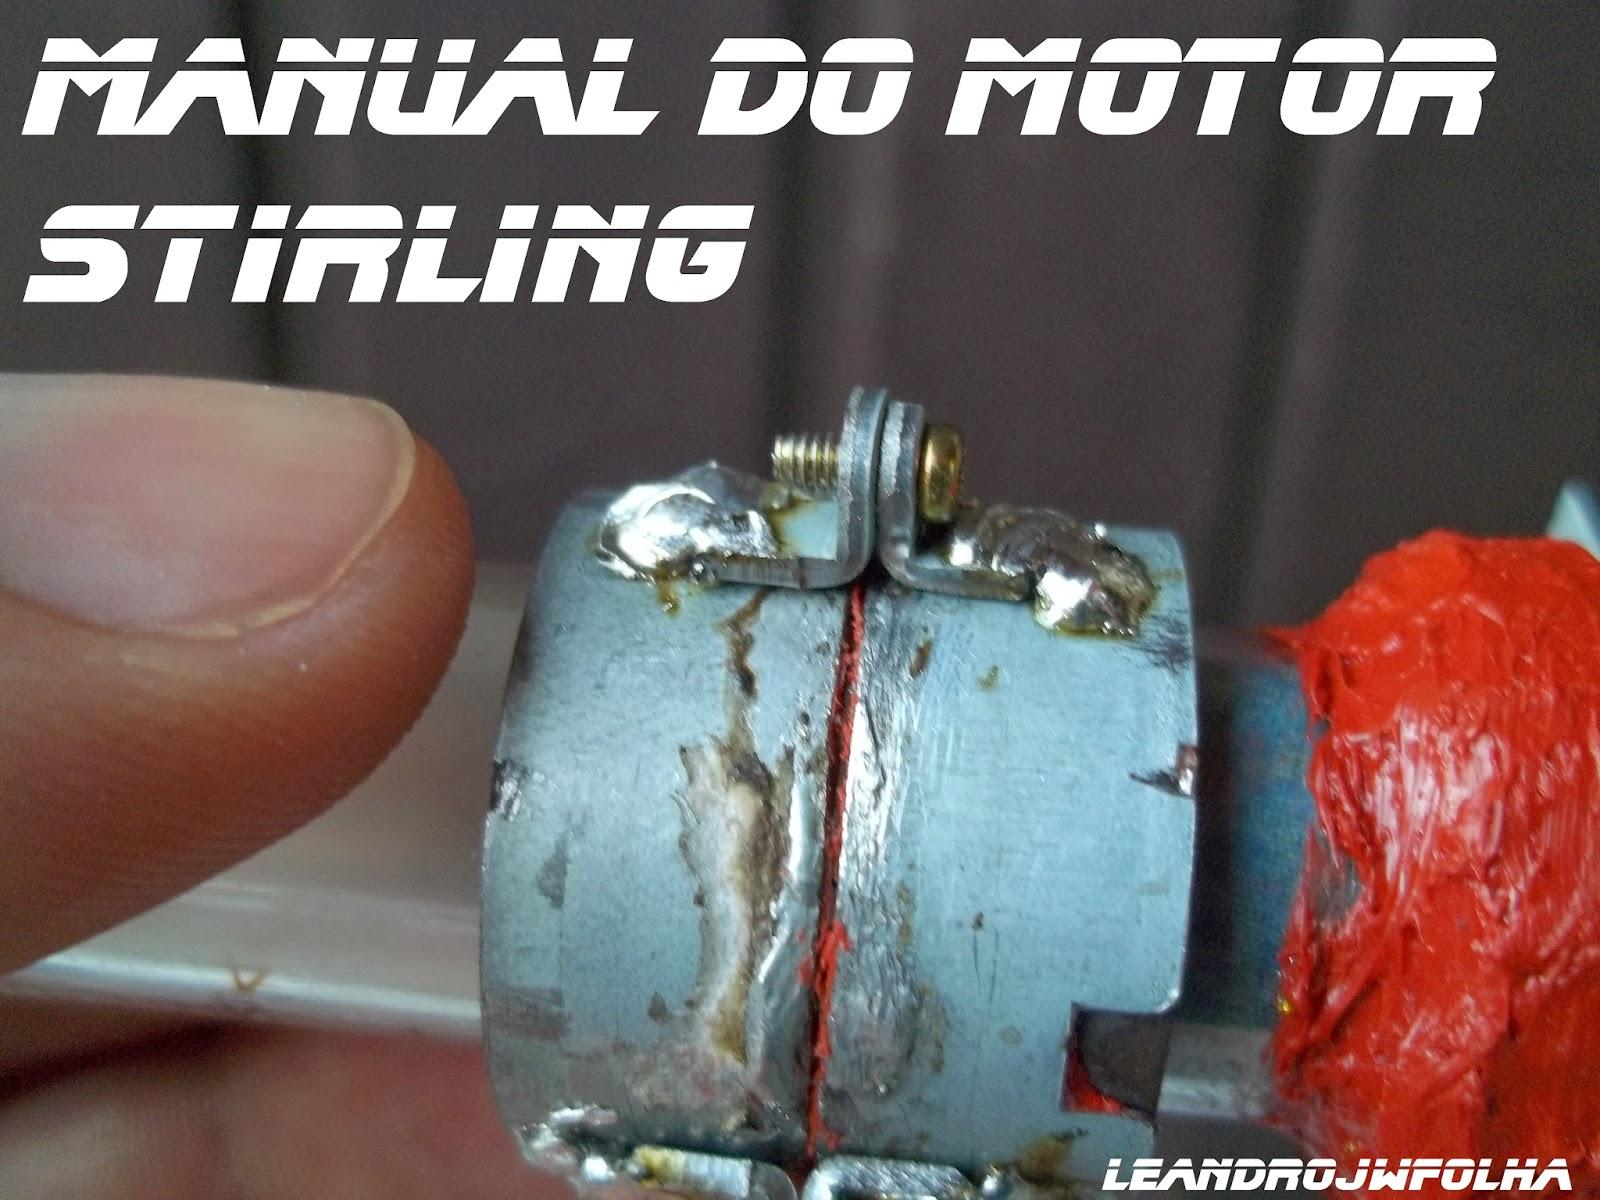 Manual do motor Stirling, união removível do tubo de ensaio com a seringa de vidro